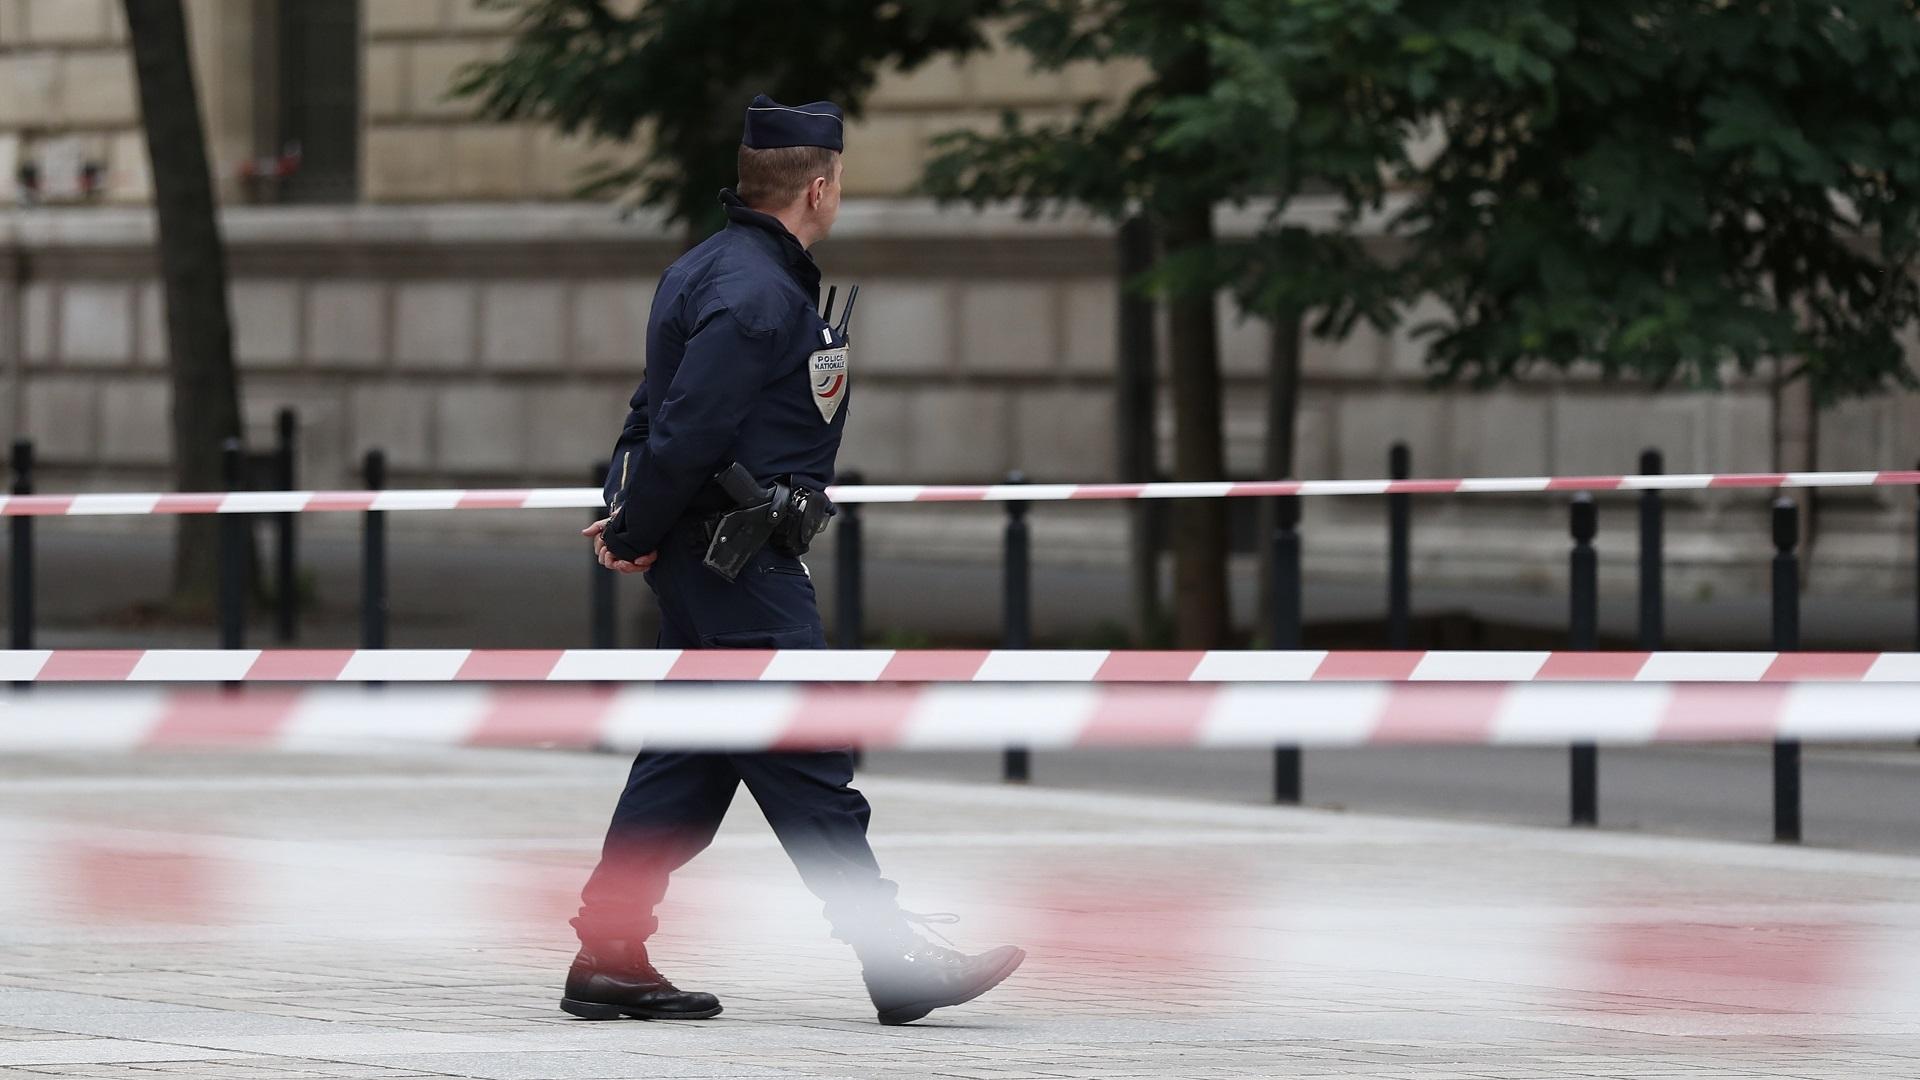 Cuatro oficiales fueron asesinados por un colega en la Jefatura de Policía de París. Foto de EFE